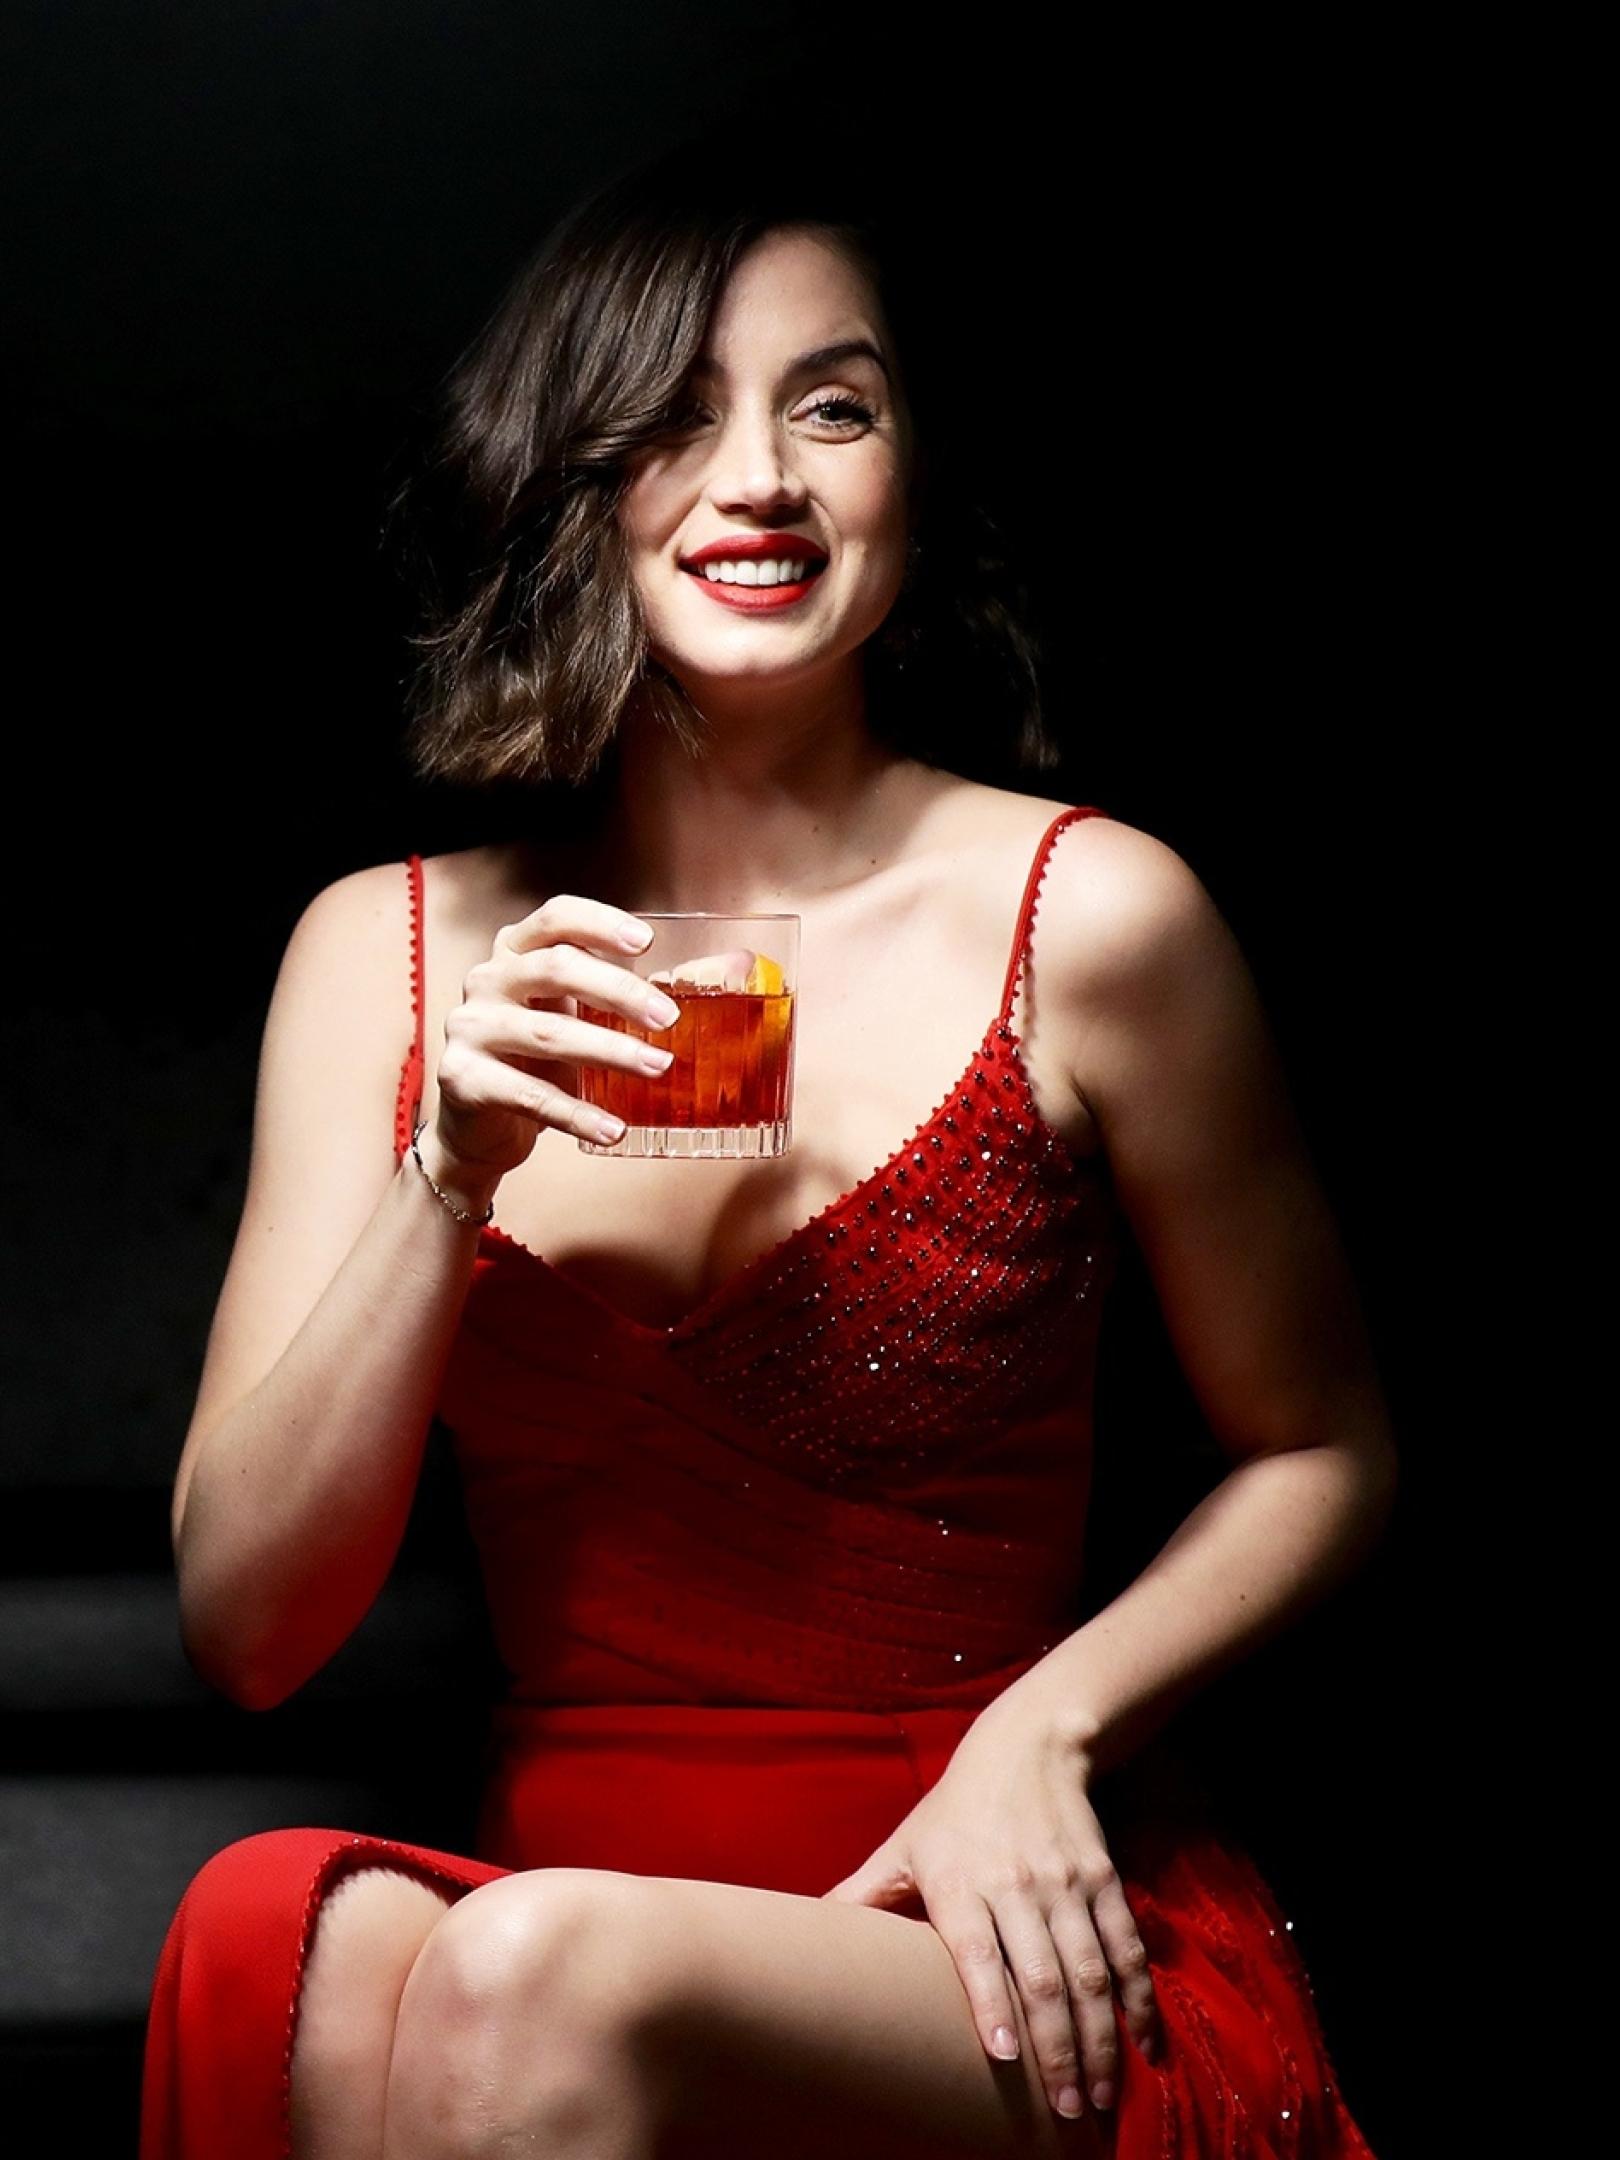 https://images.wallpapersden.com/image/download/ana-de-armas-in-red-dress_64400_1620x2160.jpg